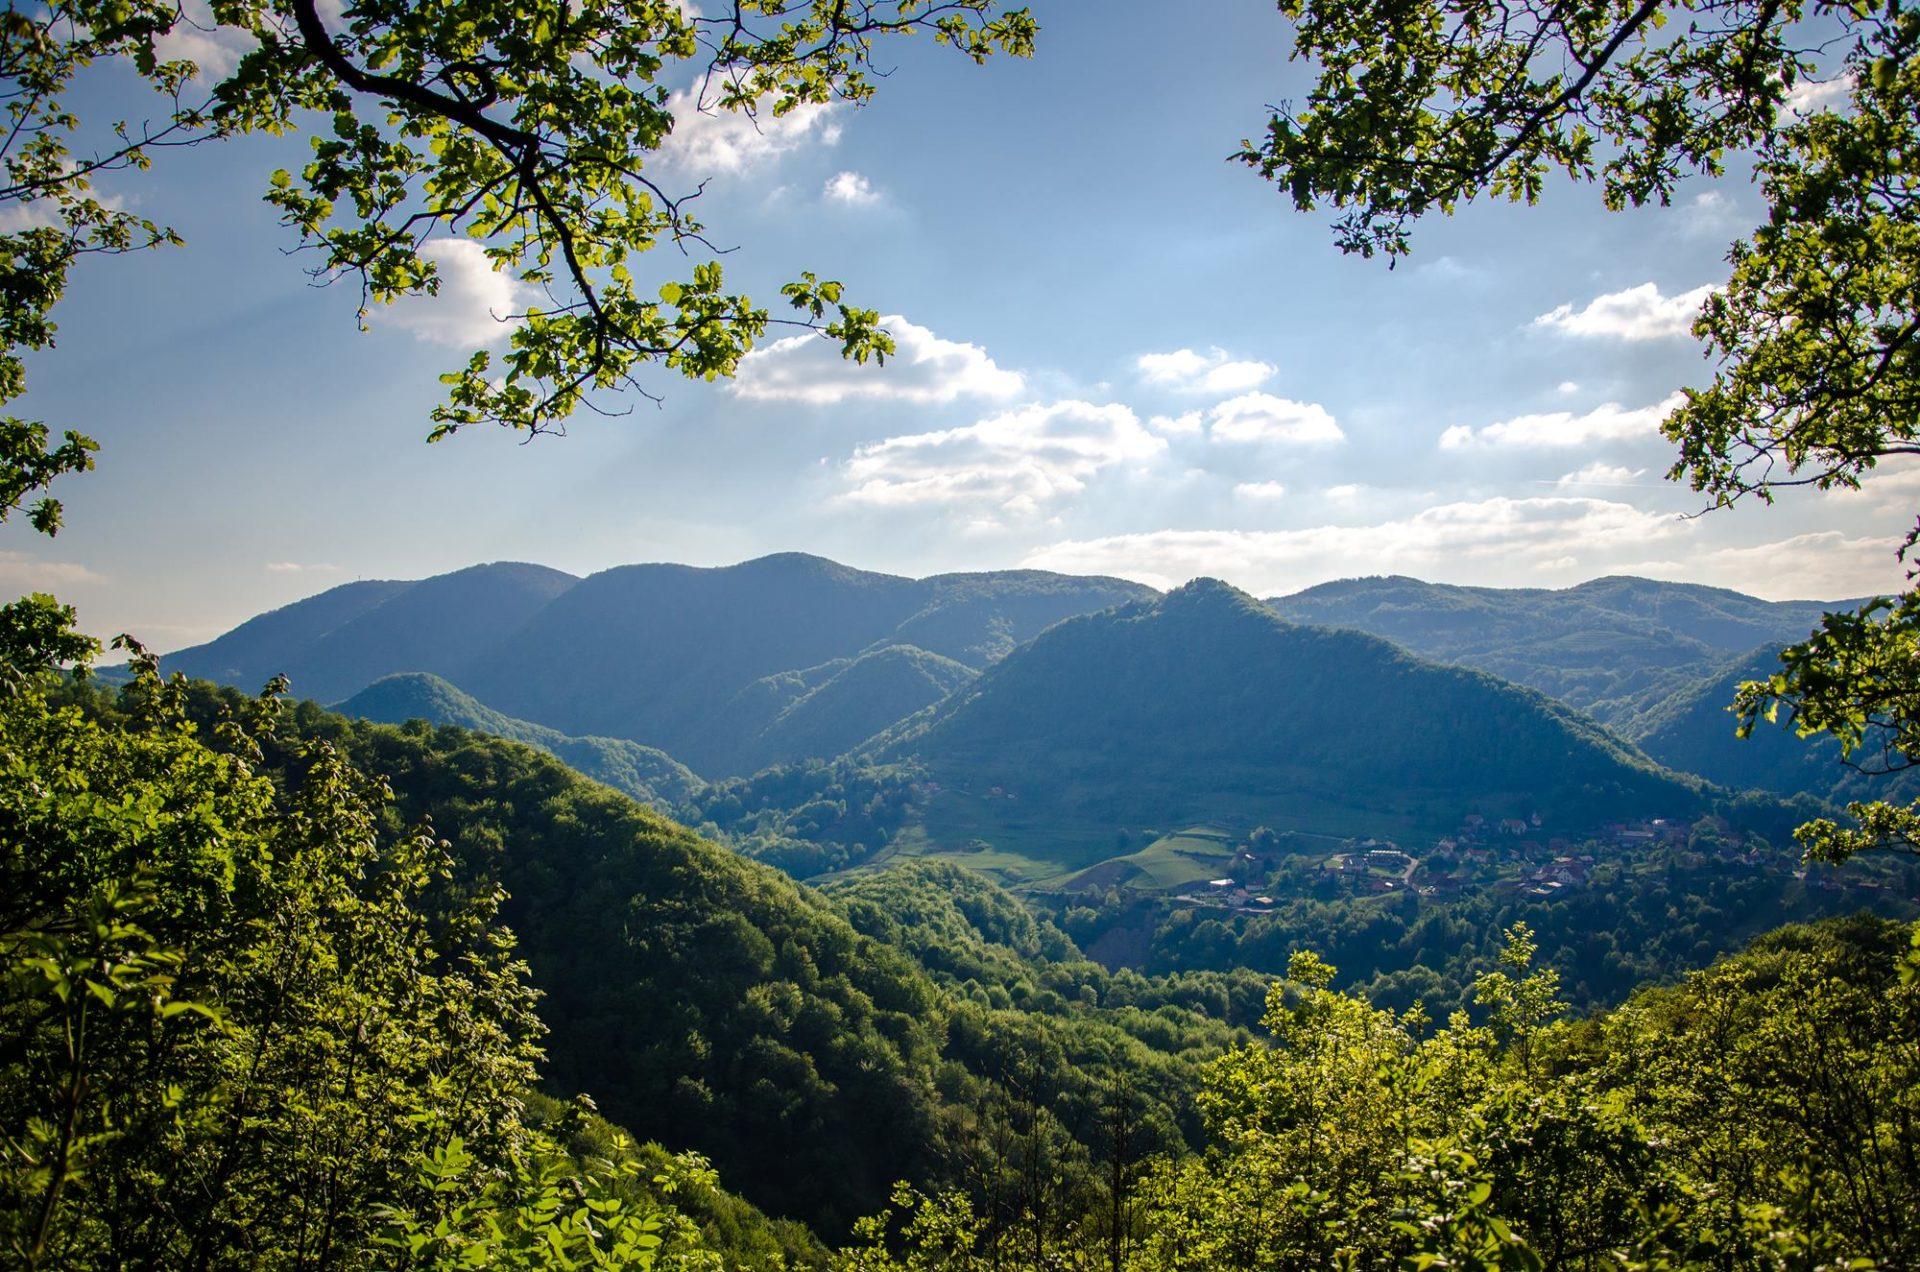 Park prirode Žumberak – Samoborsko gorje – mozaik stvoren iz prirode